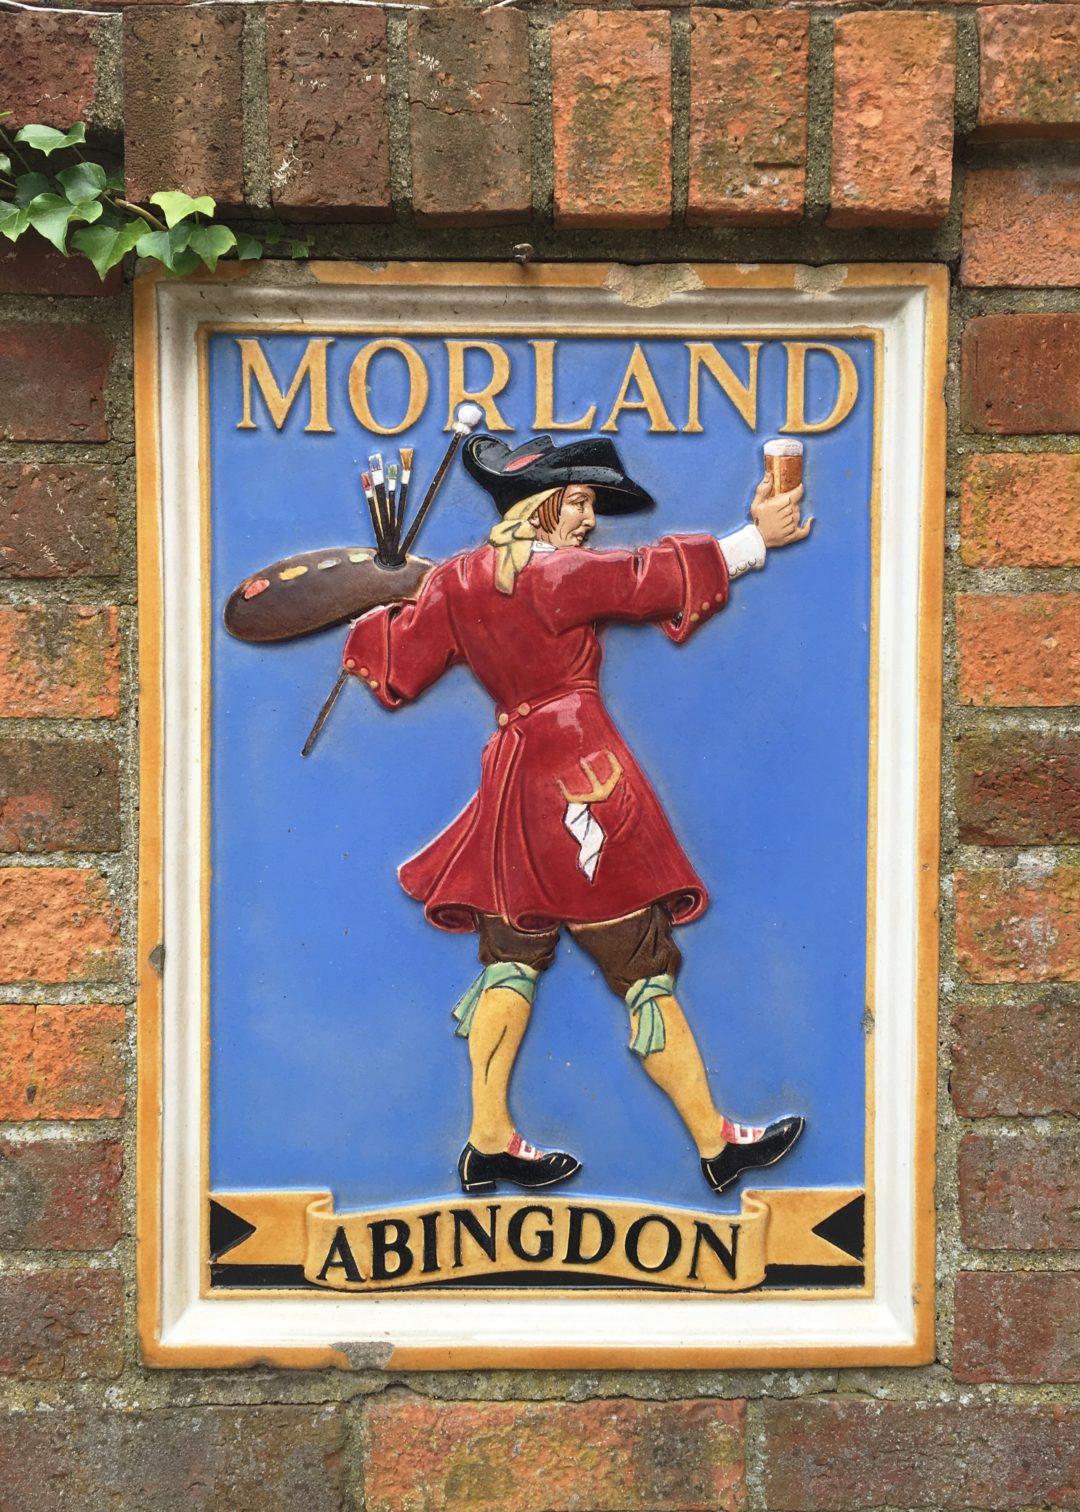 Morland Abingdon